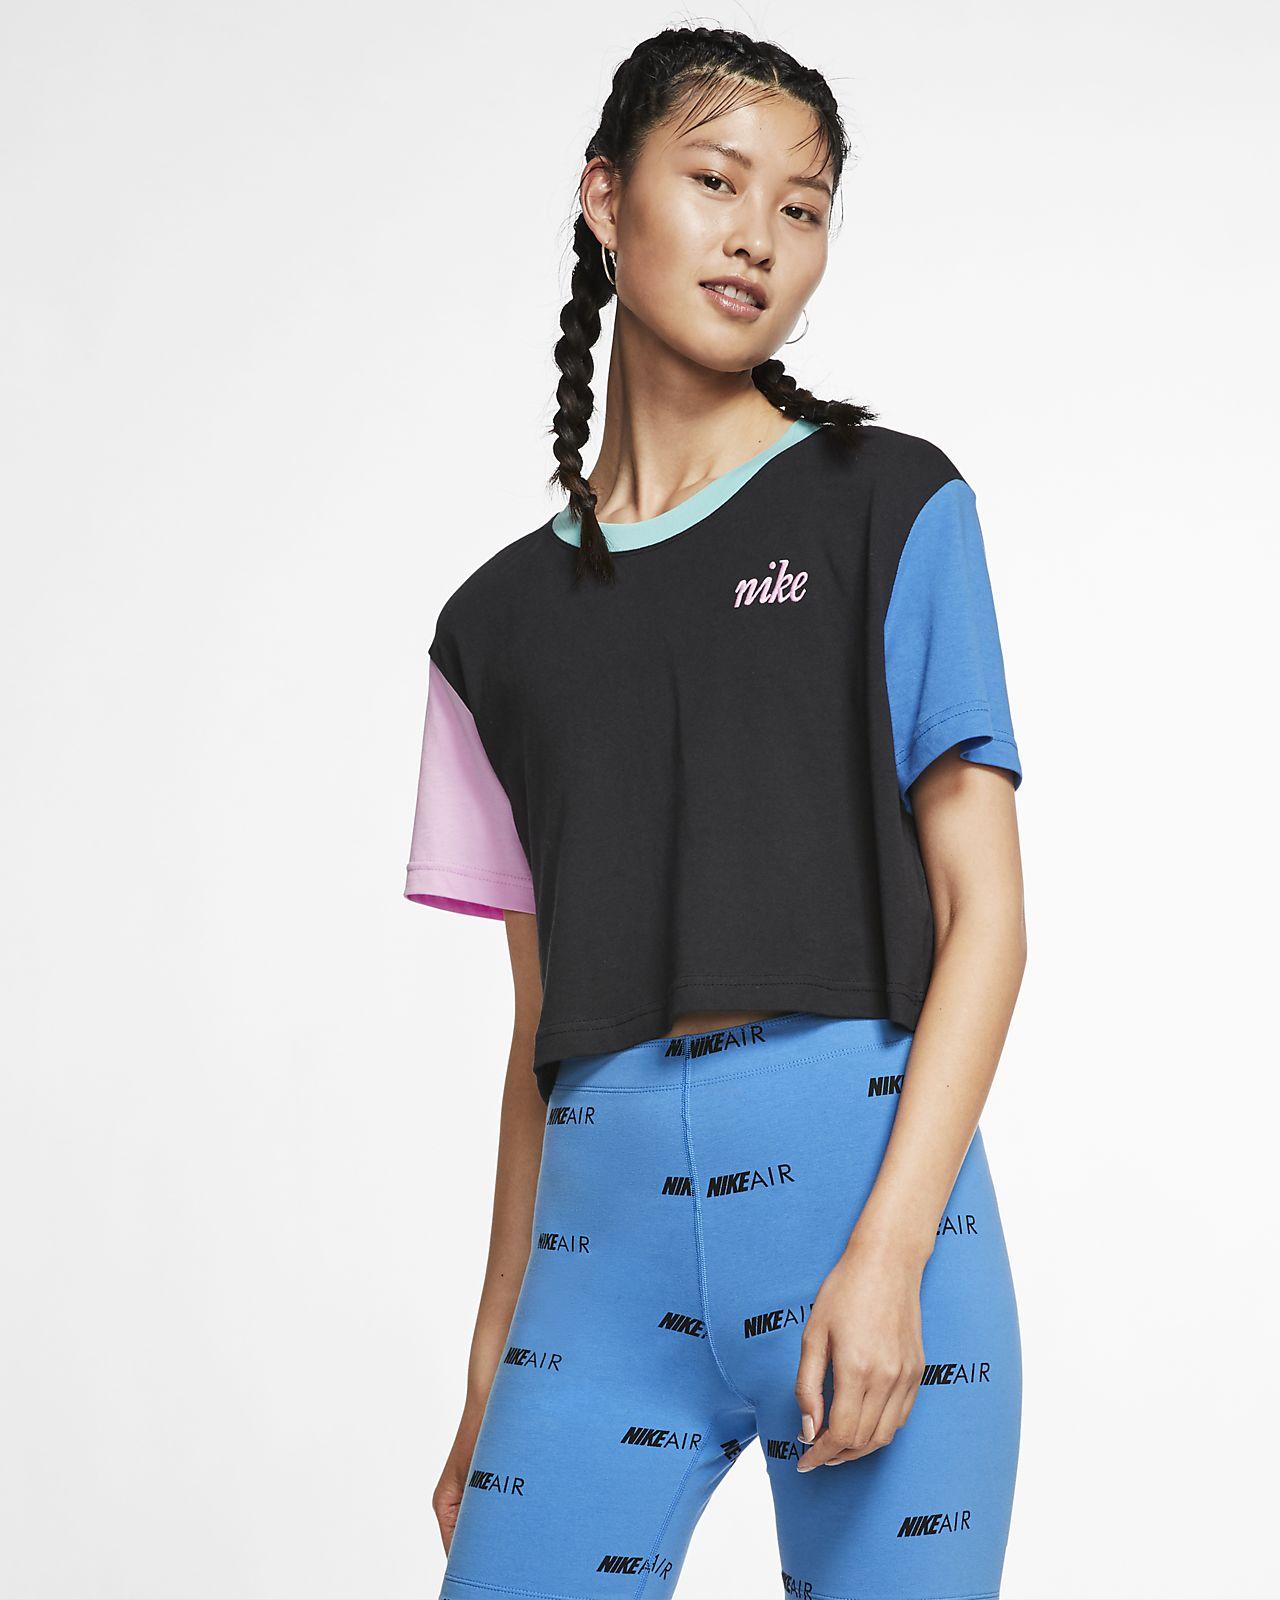 b6fb72d02c542 Nike Sportswear Women's Cropped T-Shirt